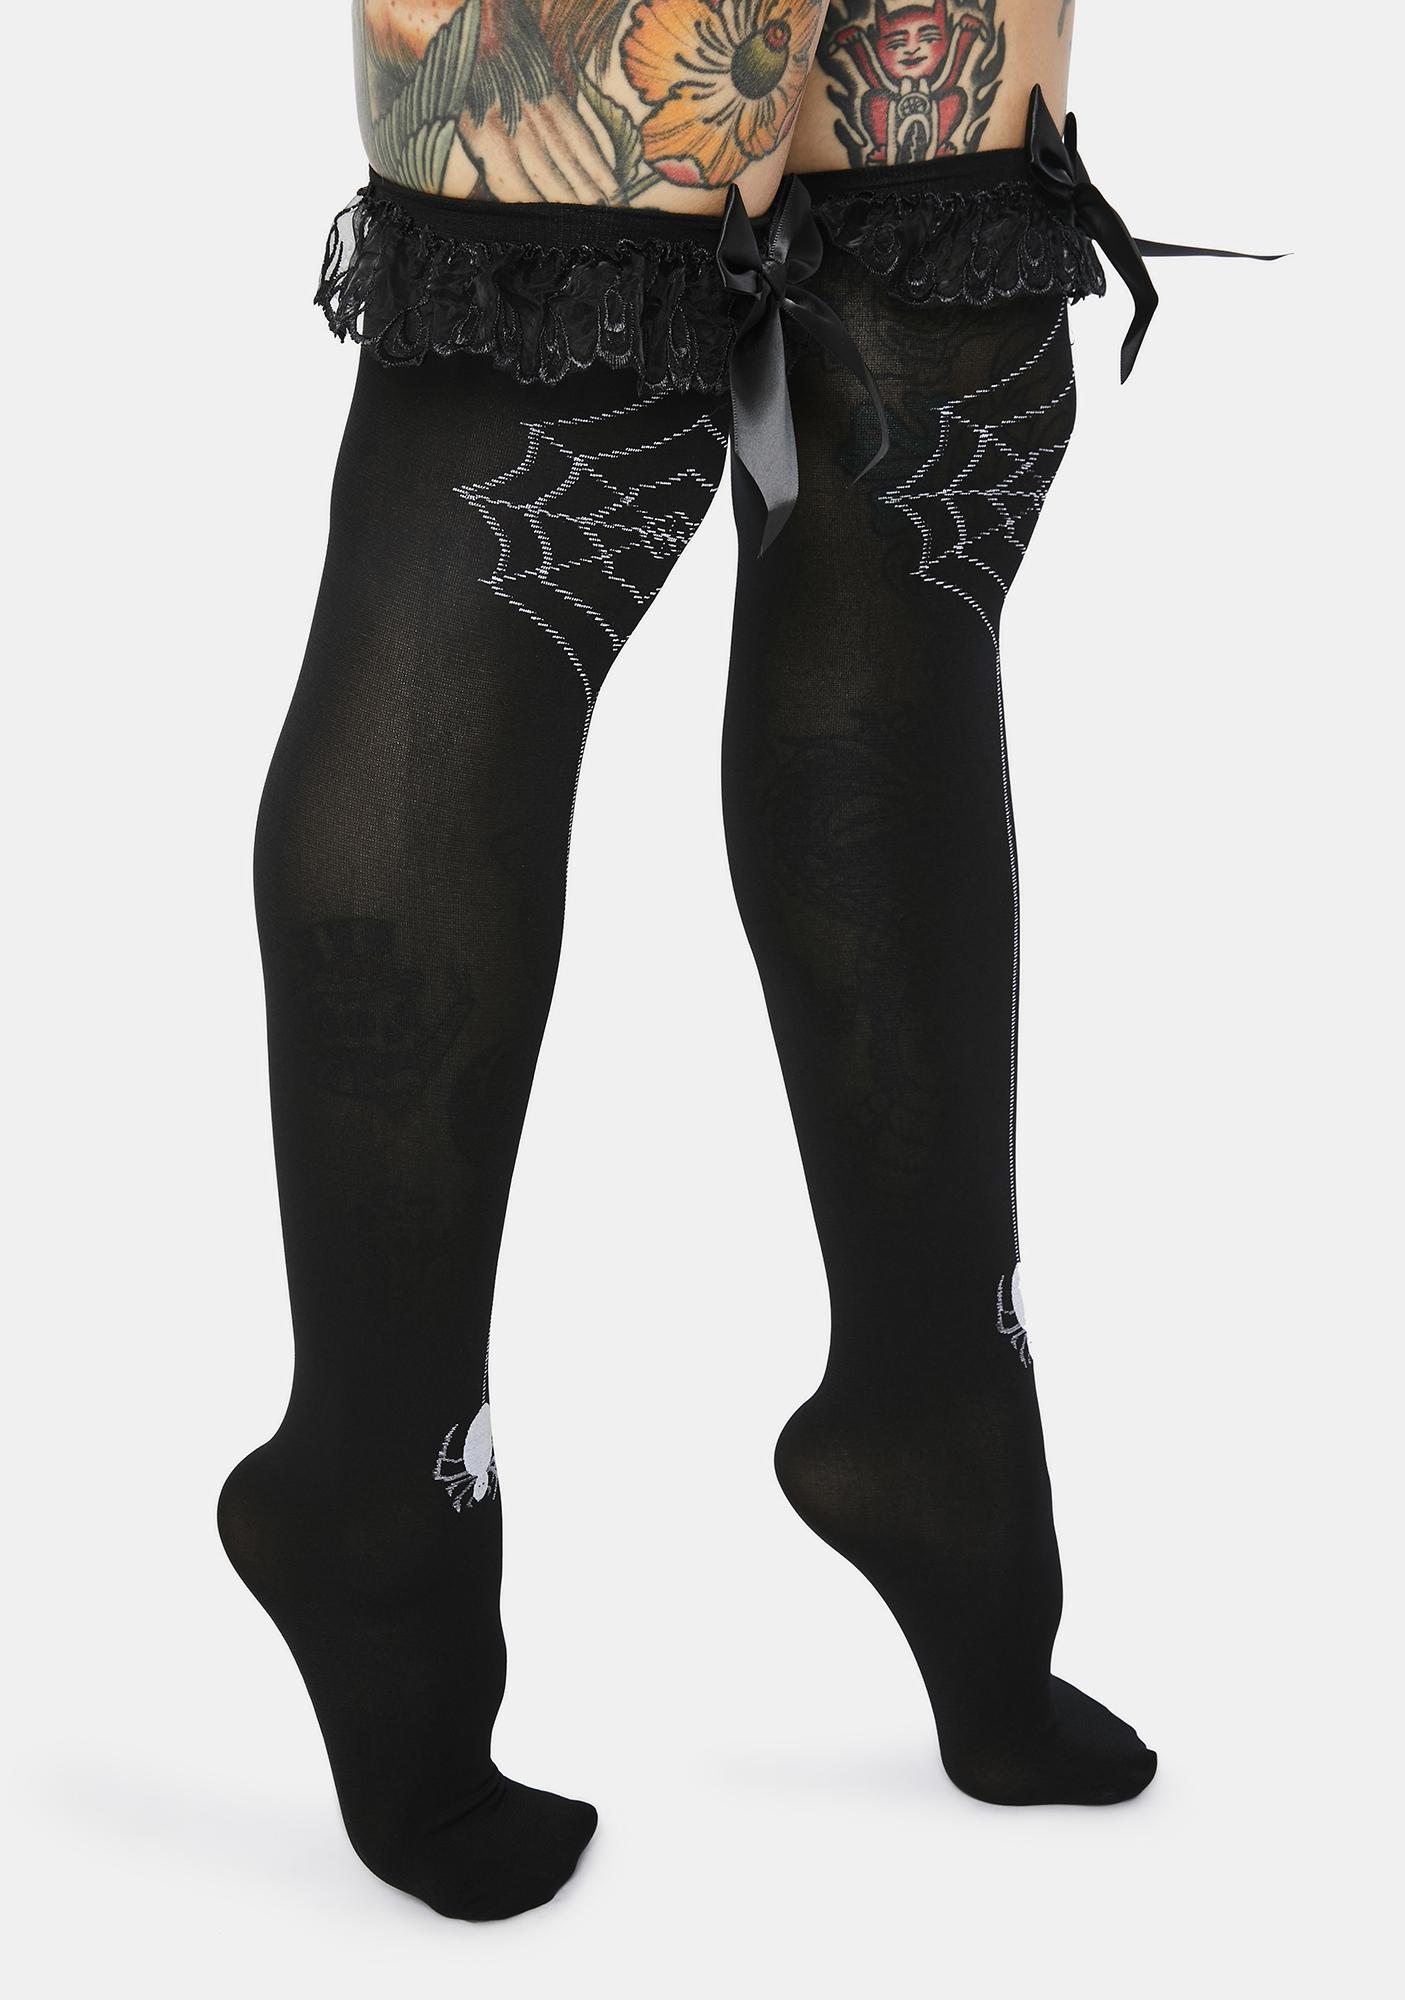 Make Me Scream Spider Web Ruffle Socks